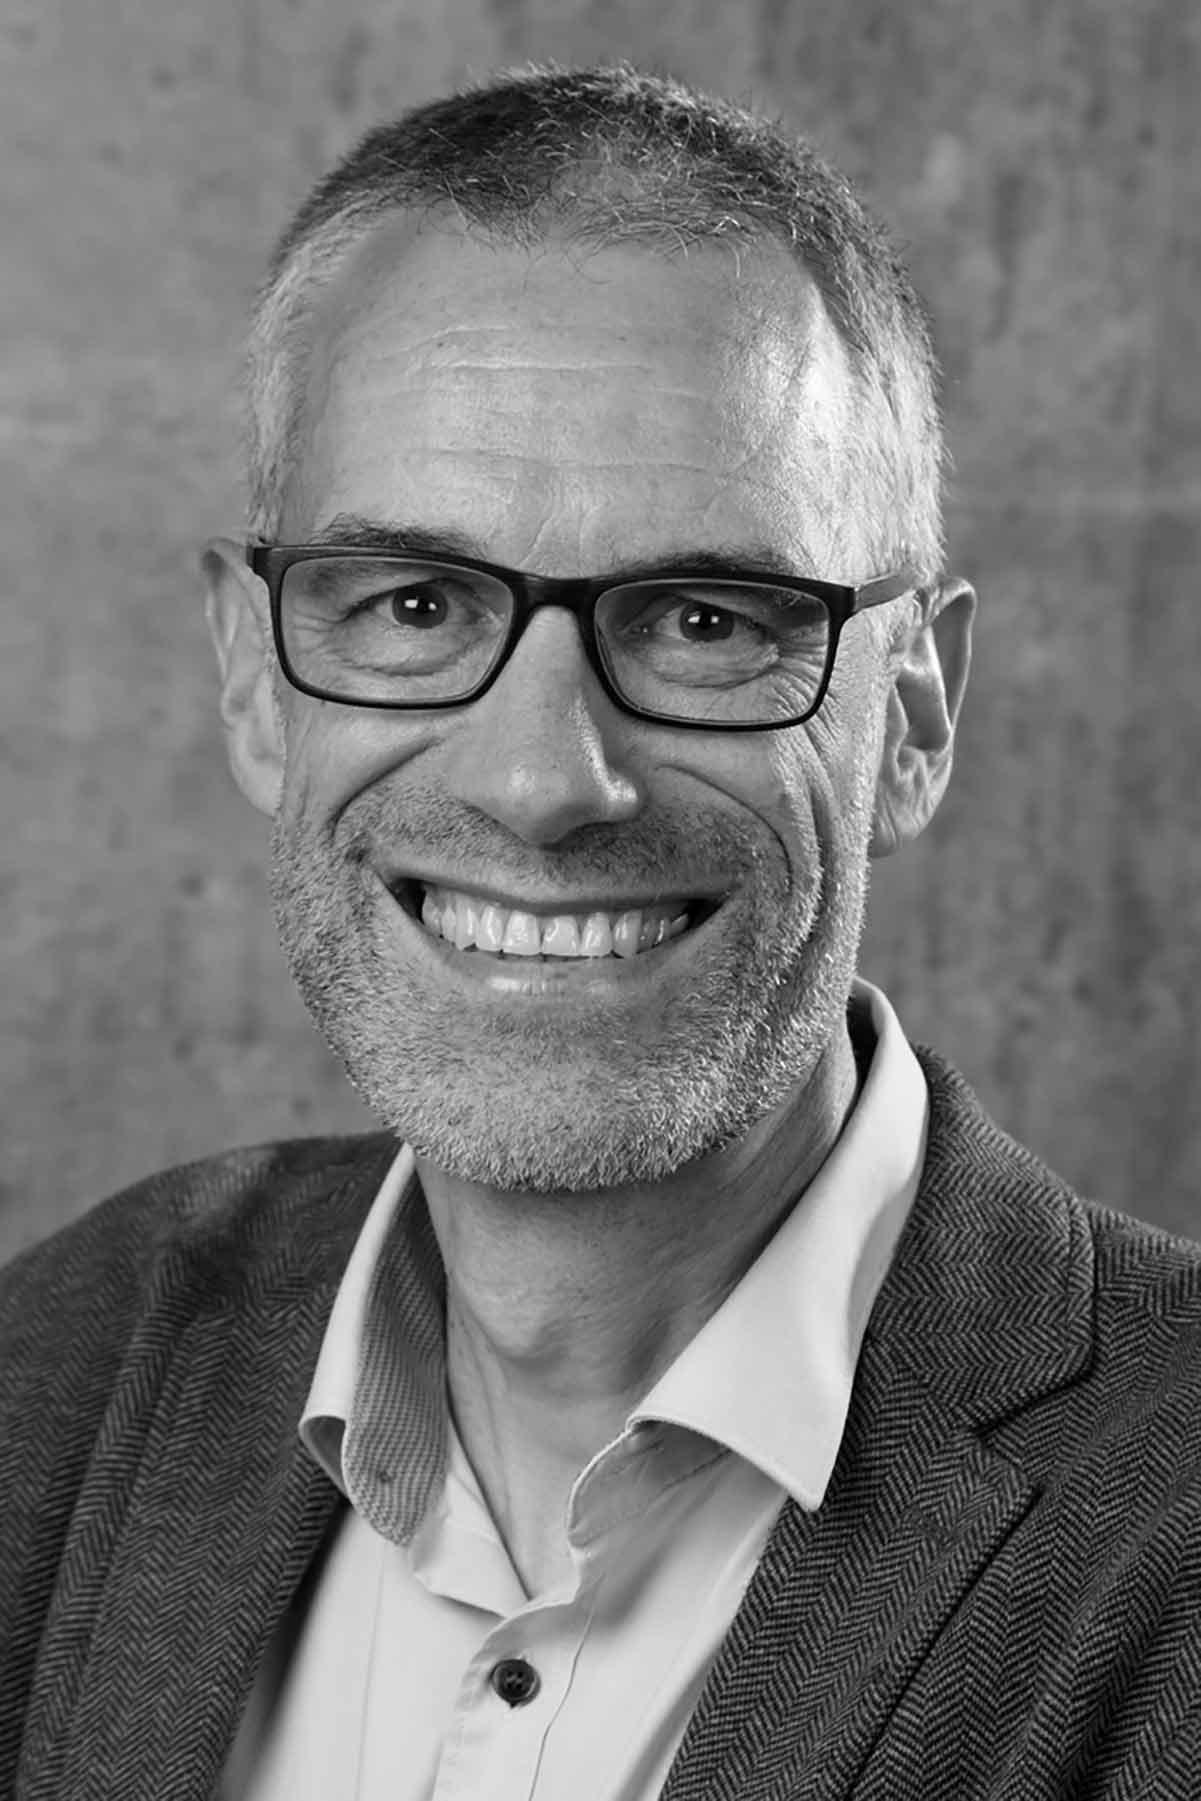 Pfarrer Lutz Tietje